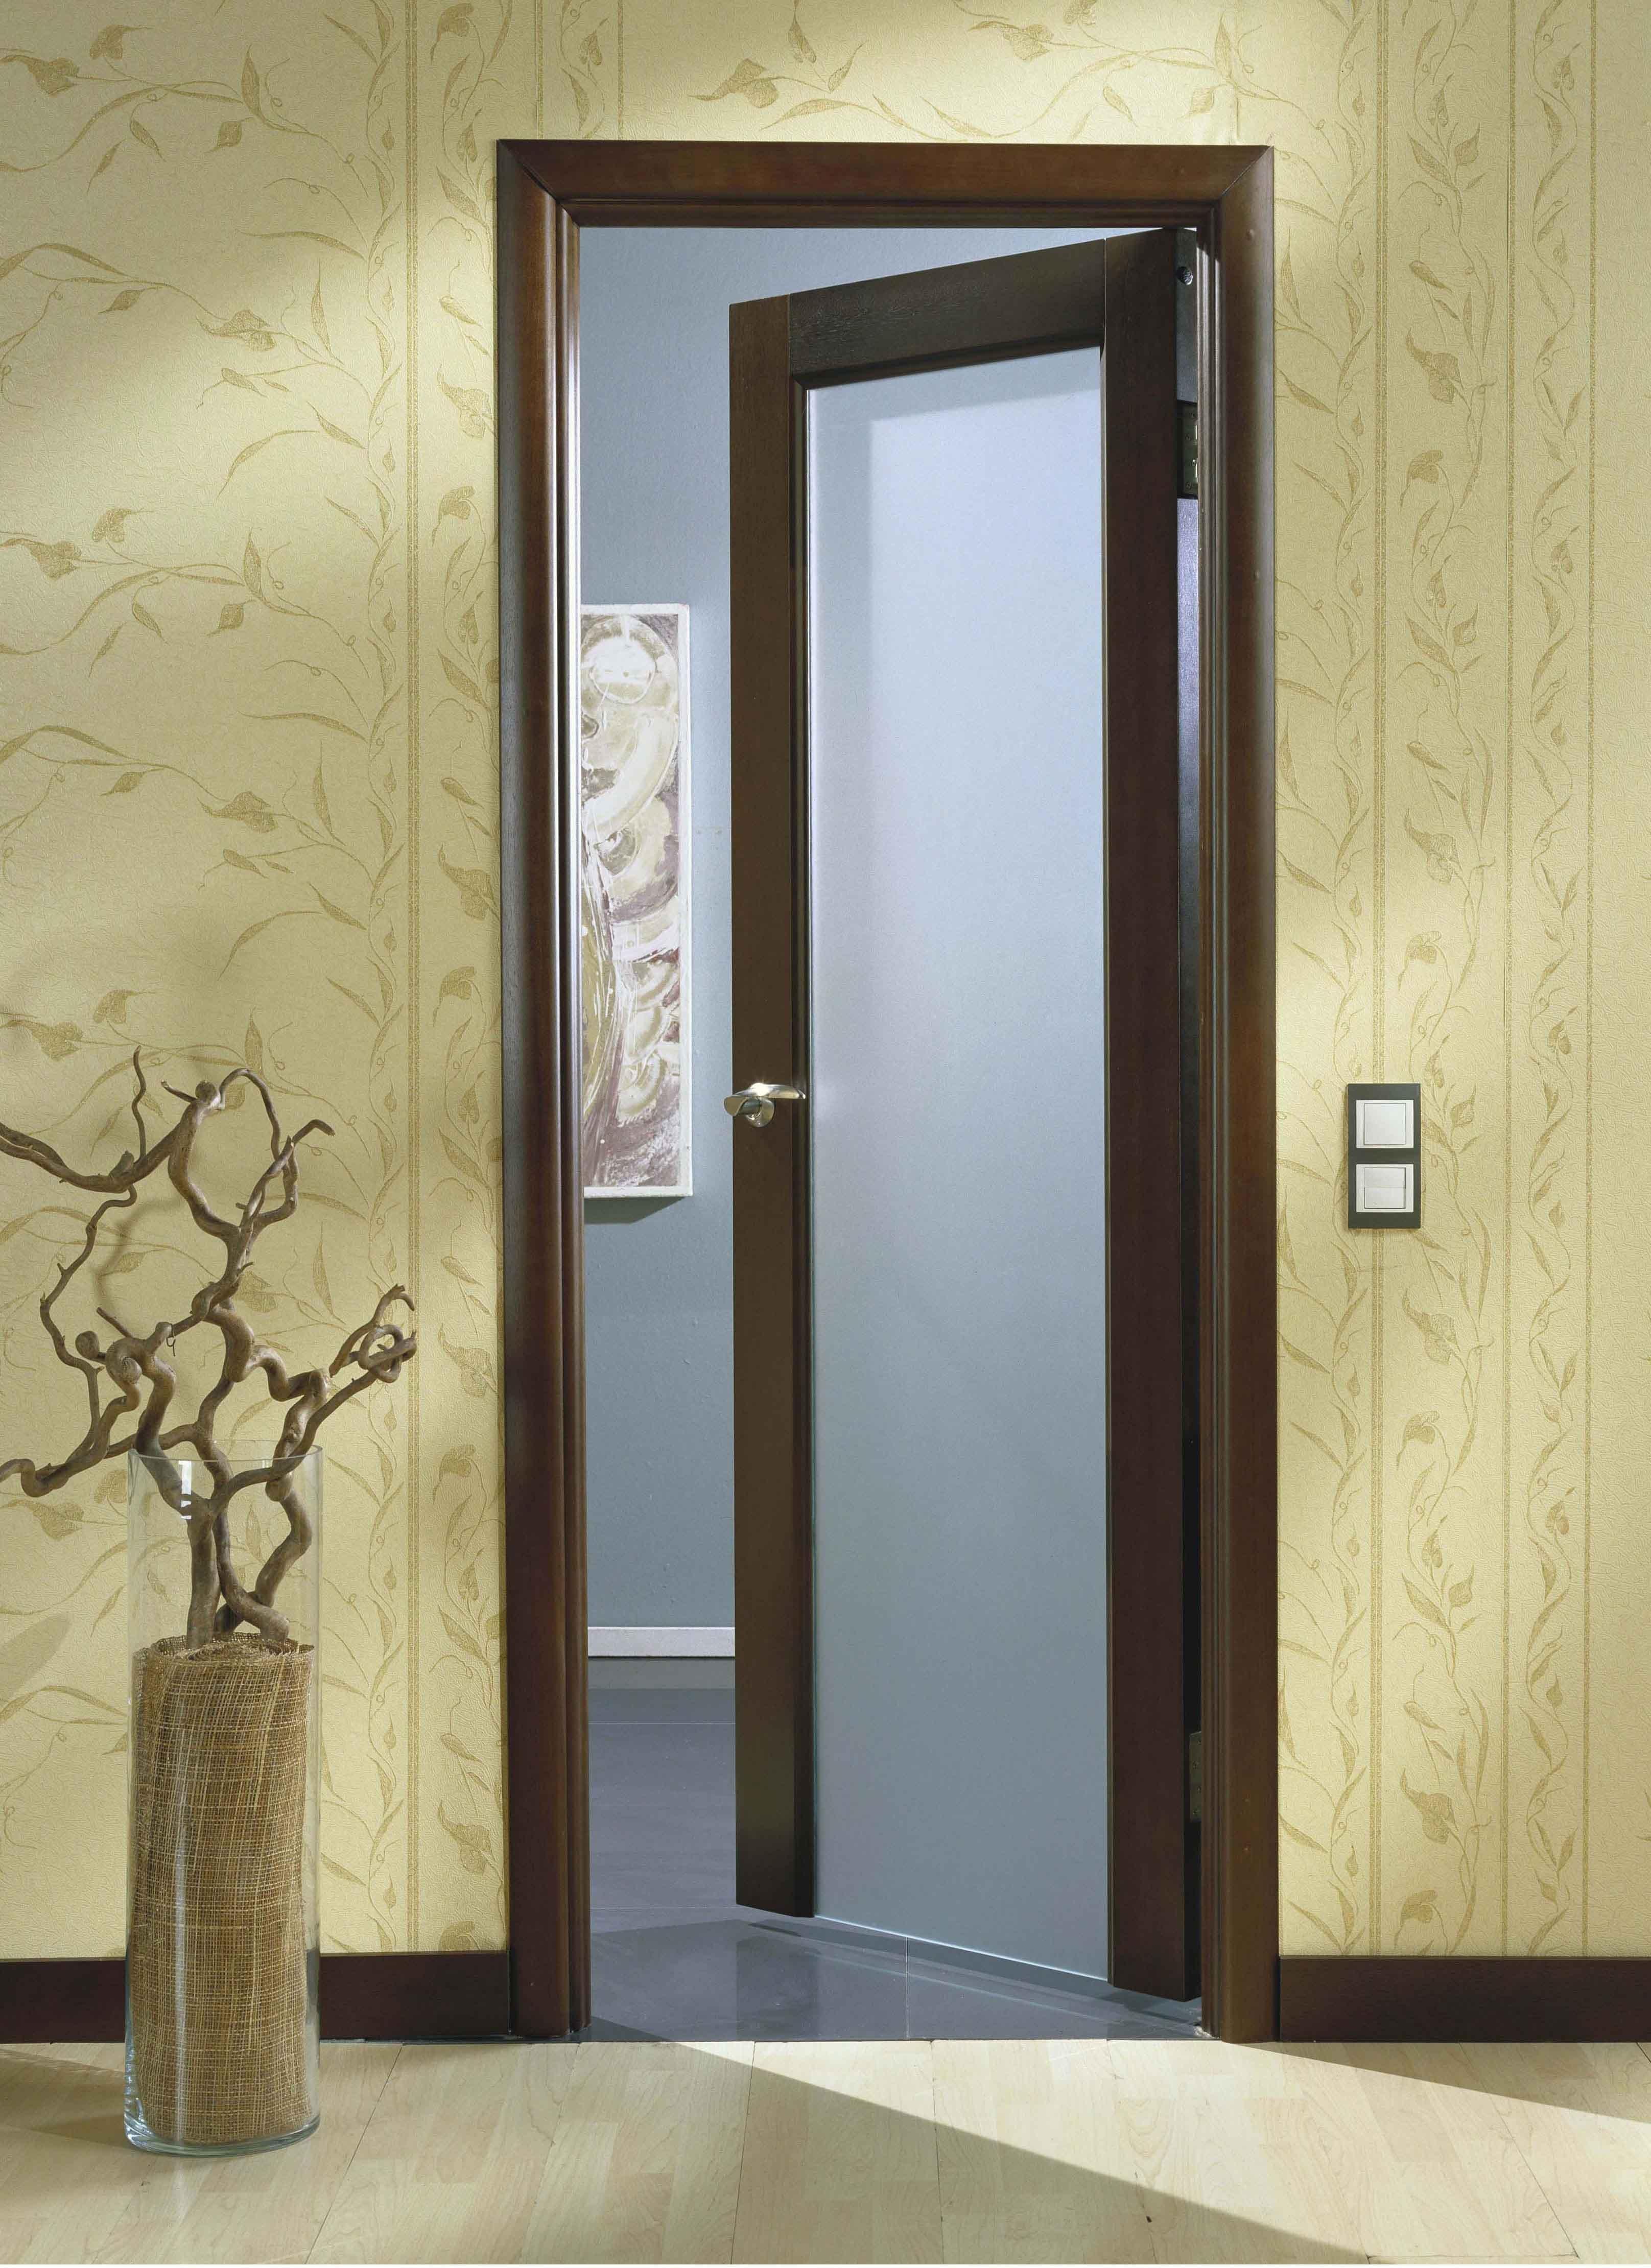 Модель, которая относится к средней ценовой категории, оптимально дополняющая дизайн интерьера помещения